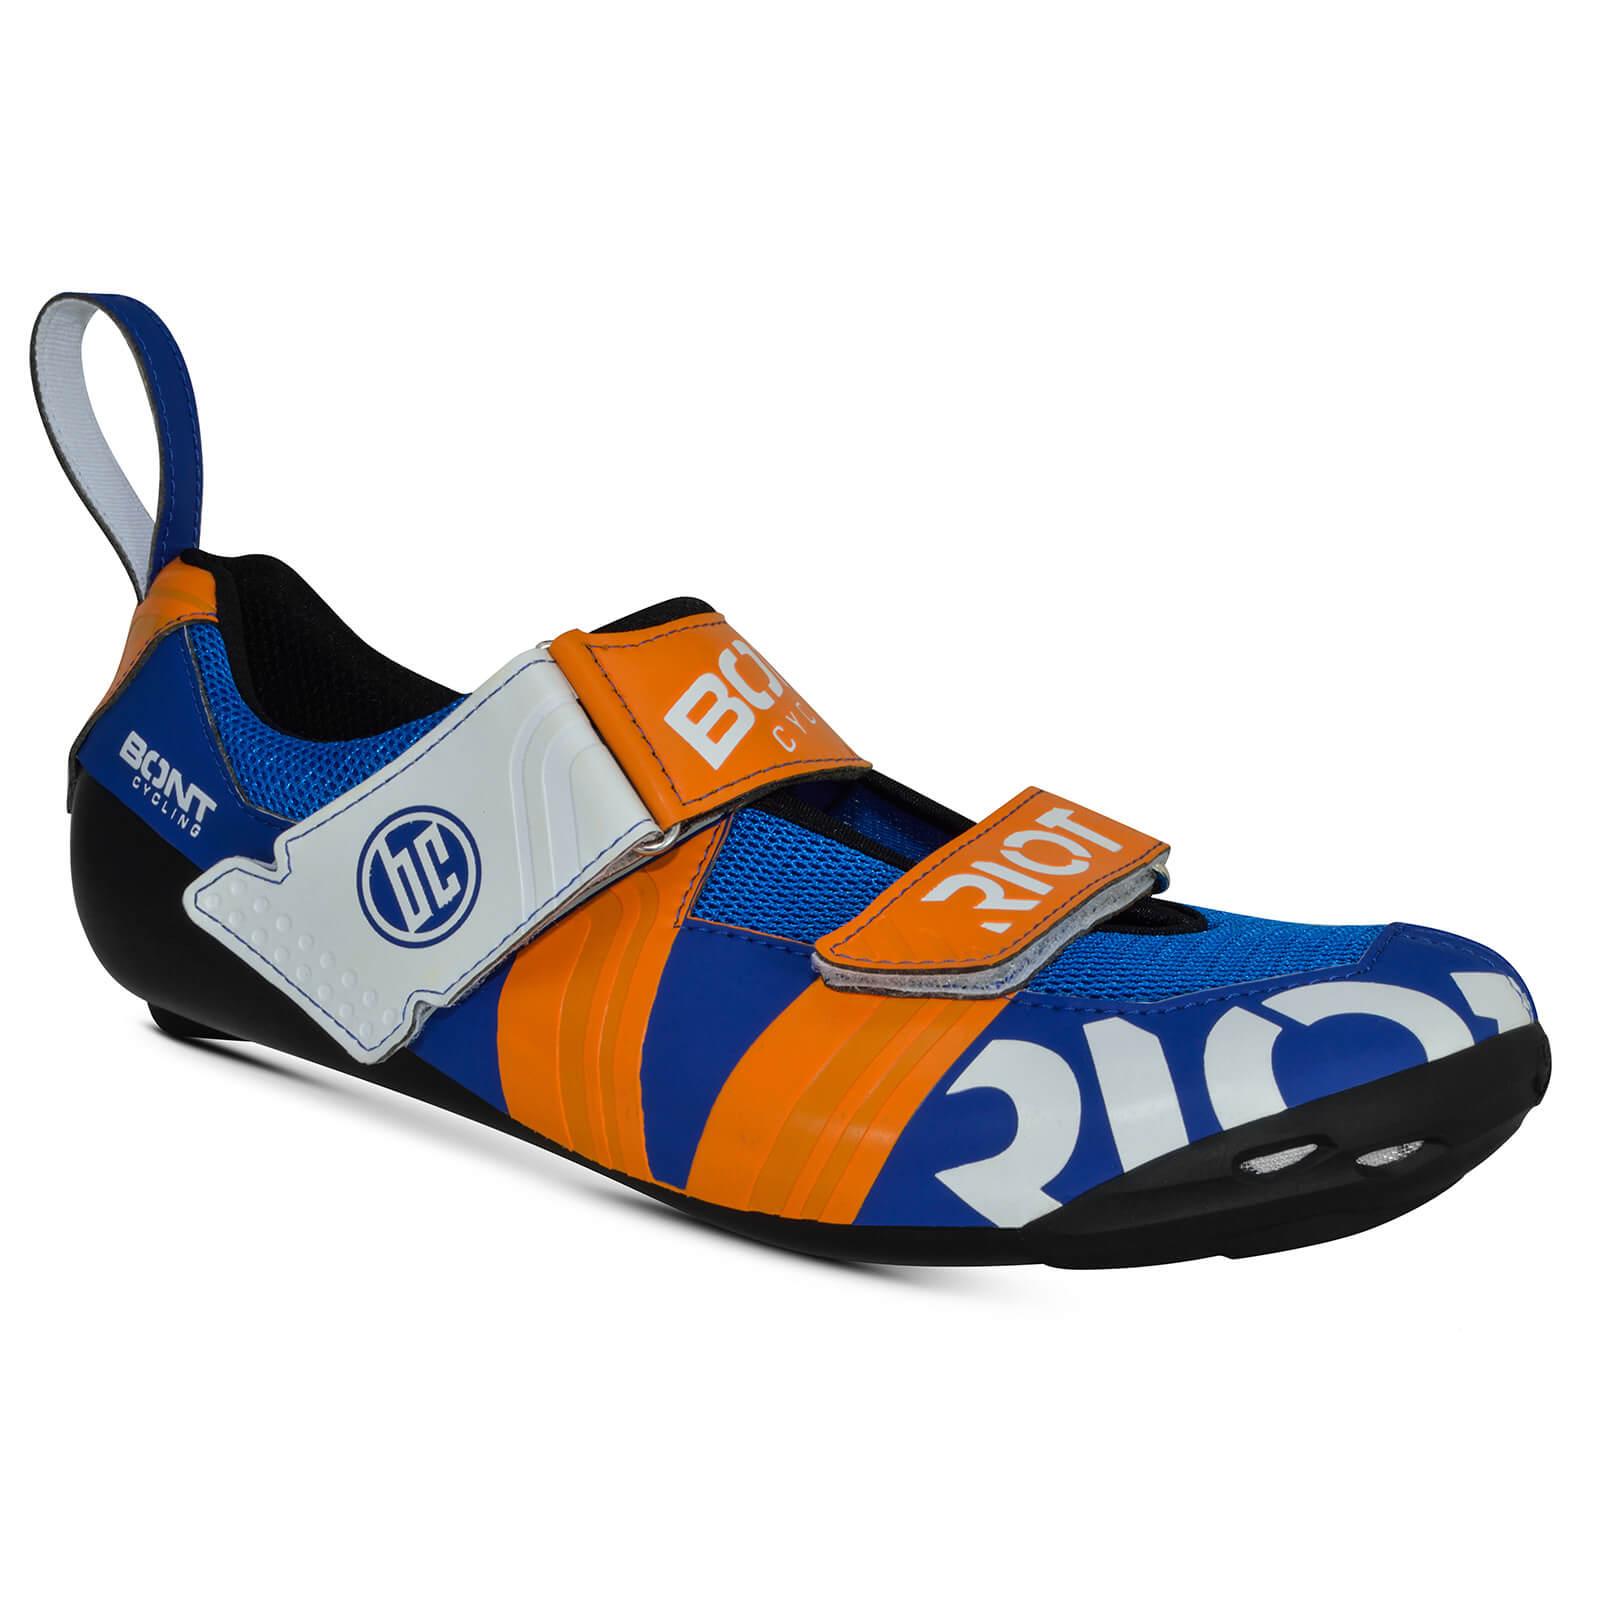 Bont Riot TR+ Road Shoes - EU 48 - Blue/Red